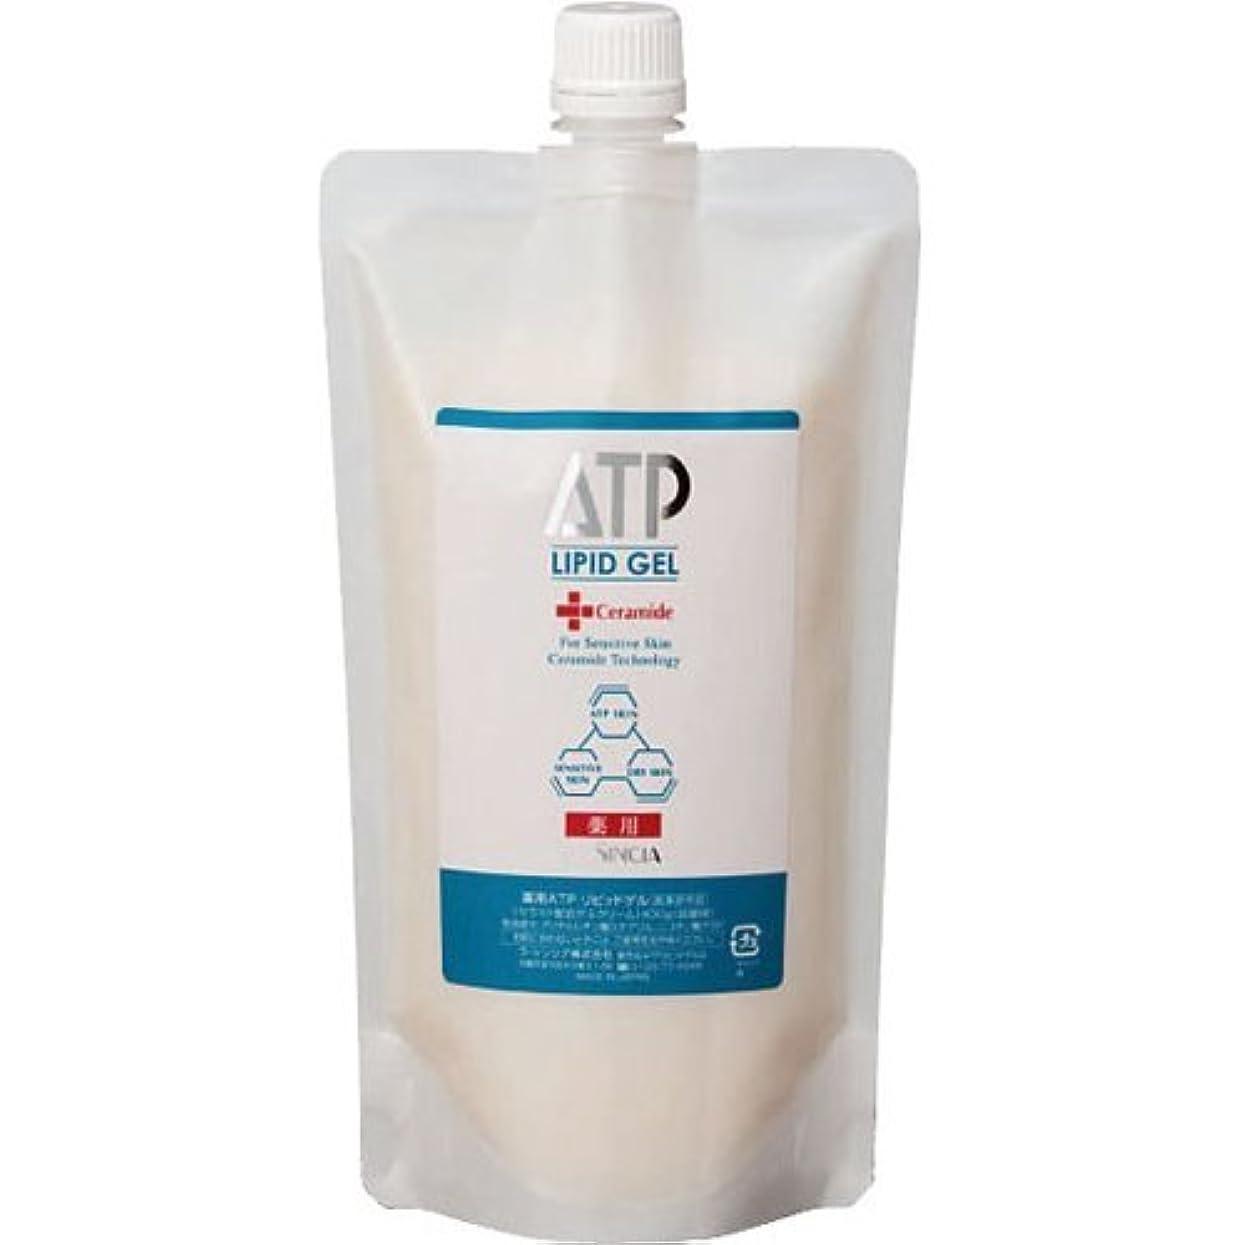 ベースレオナルドダリラックスラシンシア 薬用ATPリピッドゲル 400g(詰替用) 【セラミド配合ゲルクリーム】